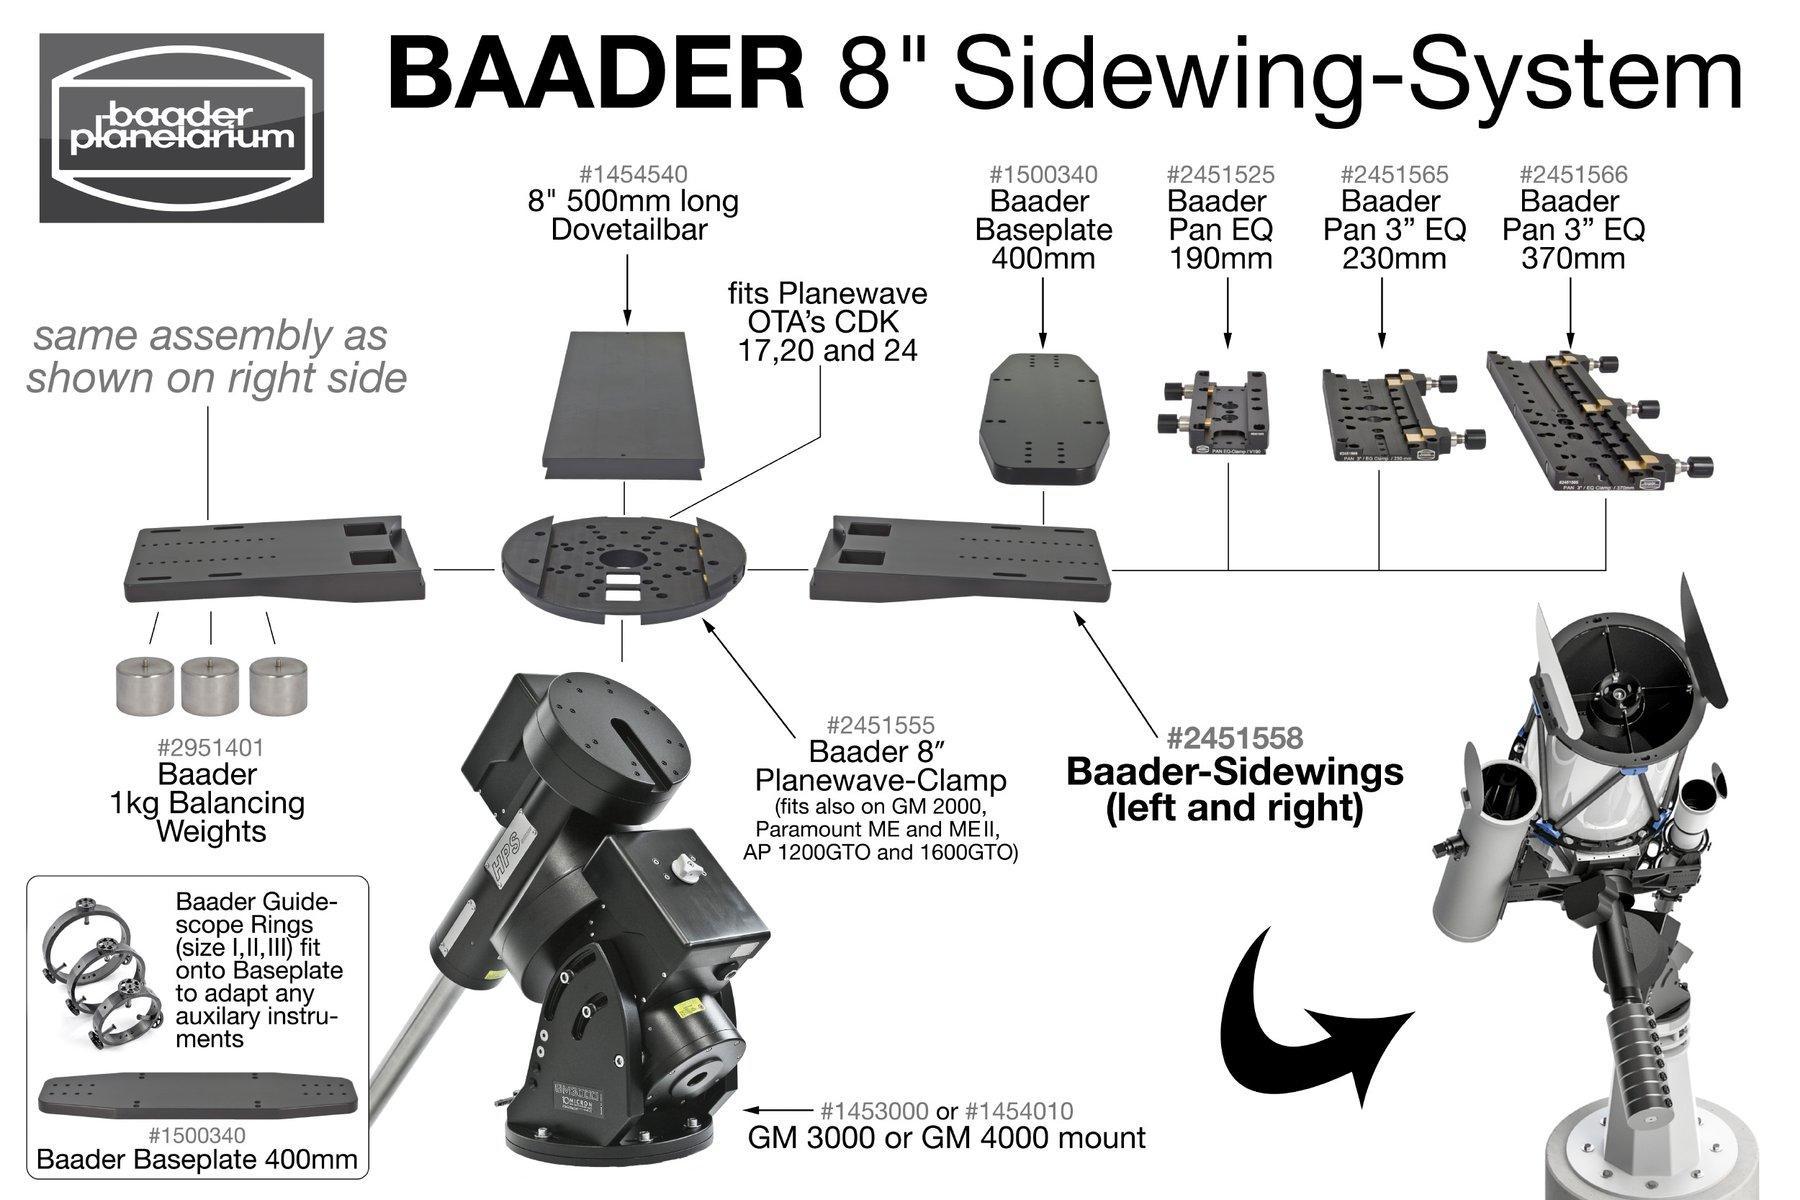 baader-8inch-sidewing-system1-1800x1800.jpg